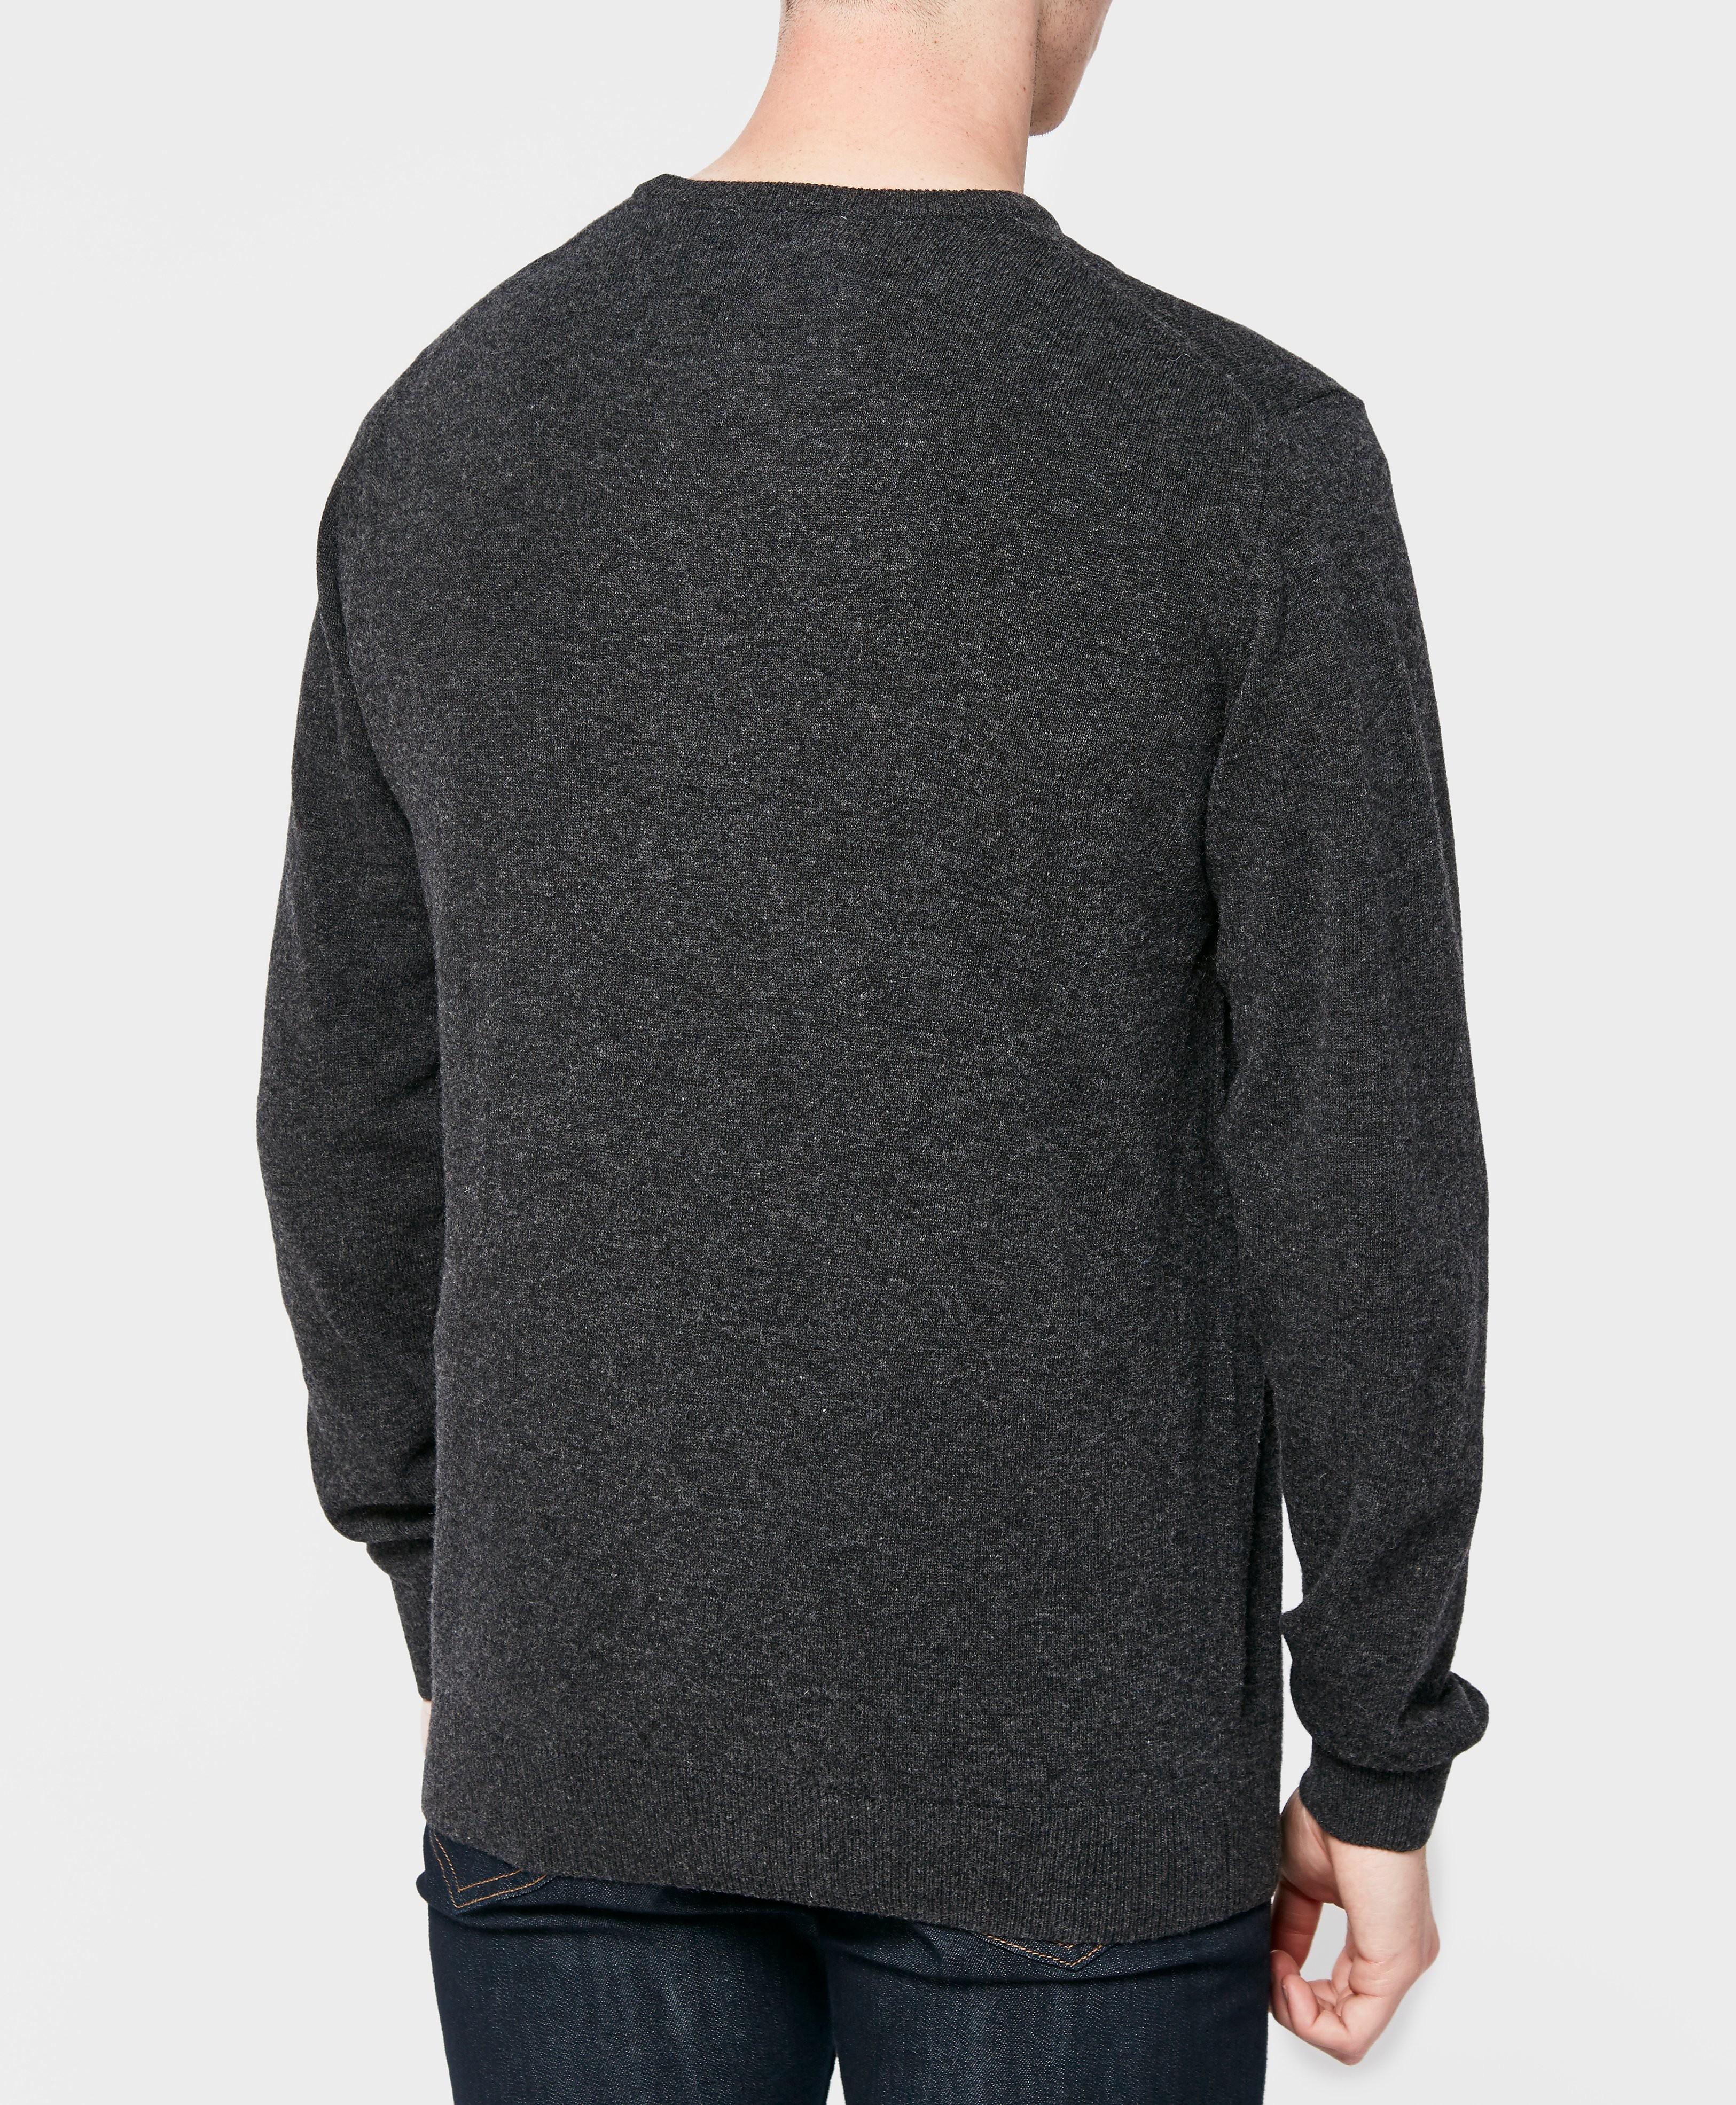 Lacoste Wool Crew Knit